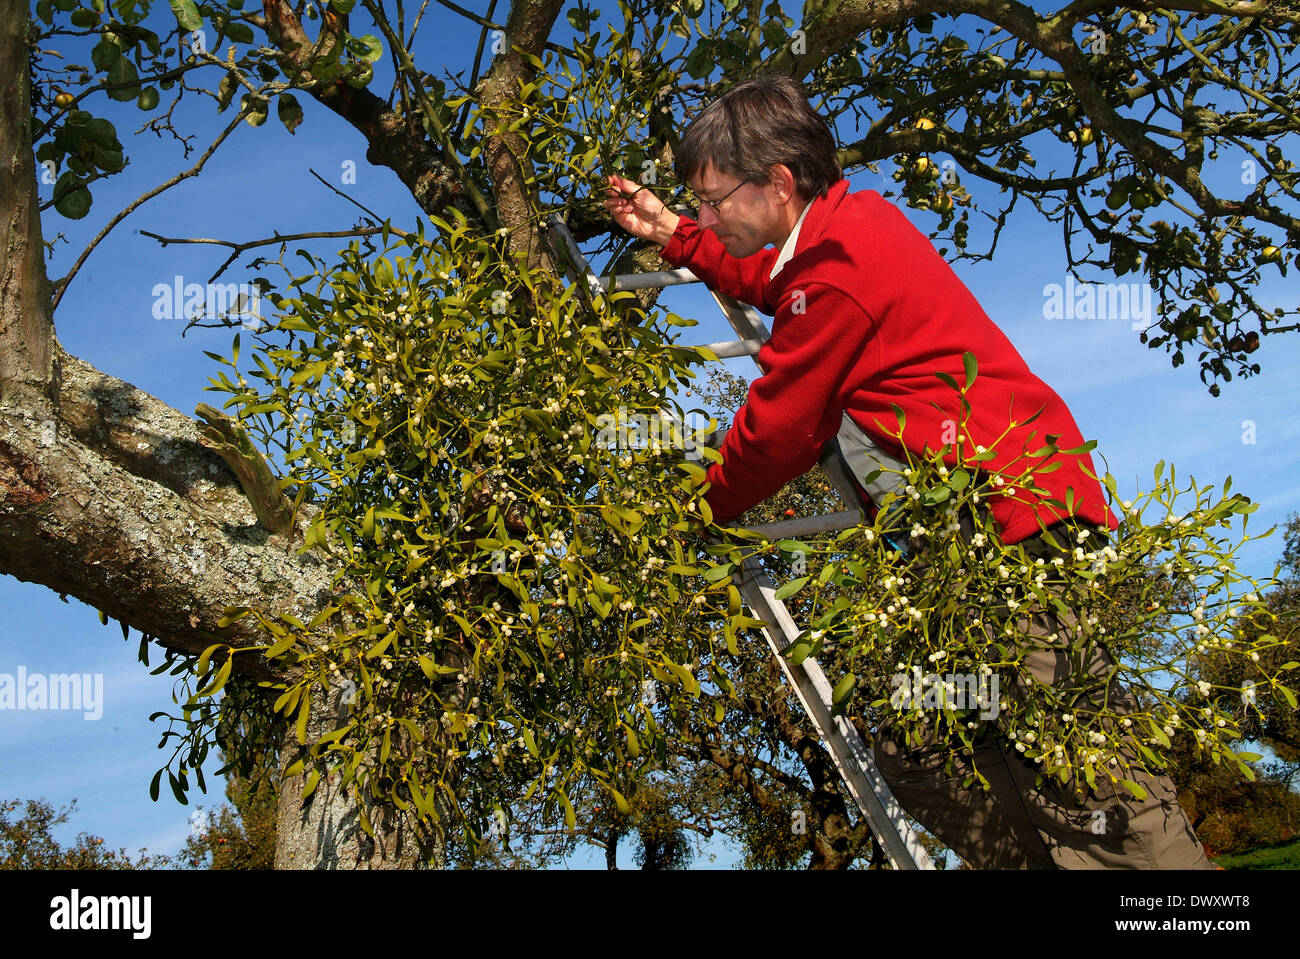 englisch mistel in einem apfelbaum obstgarten in shropshire wachsen eine traditionelle. Black Bedroom Furniture Sets. Home Design Ideas